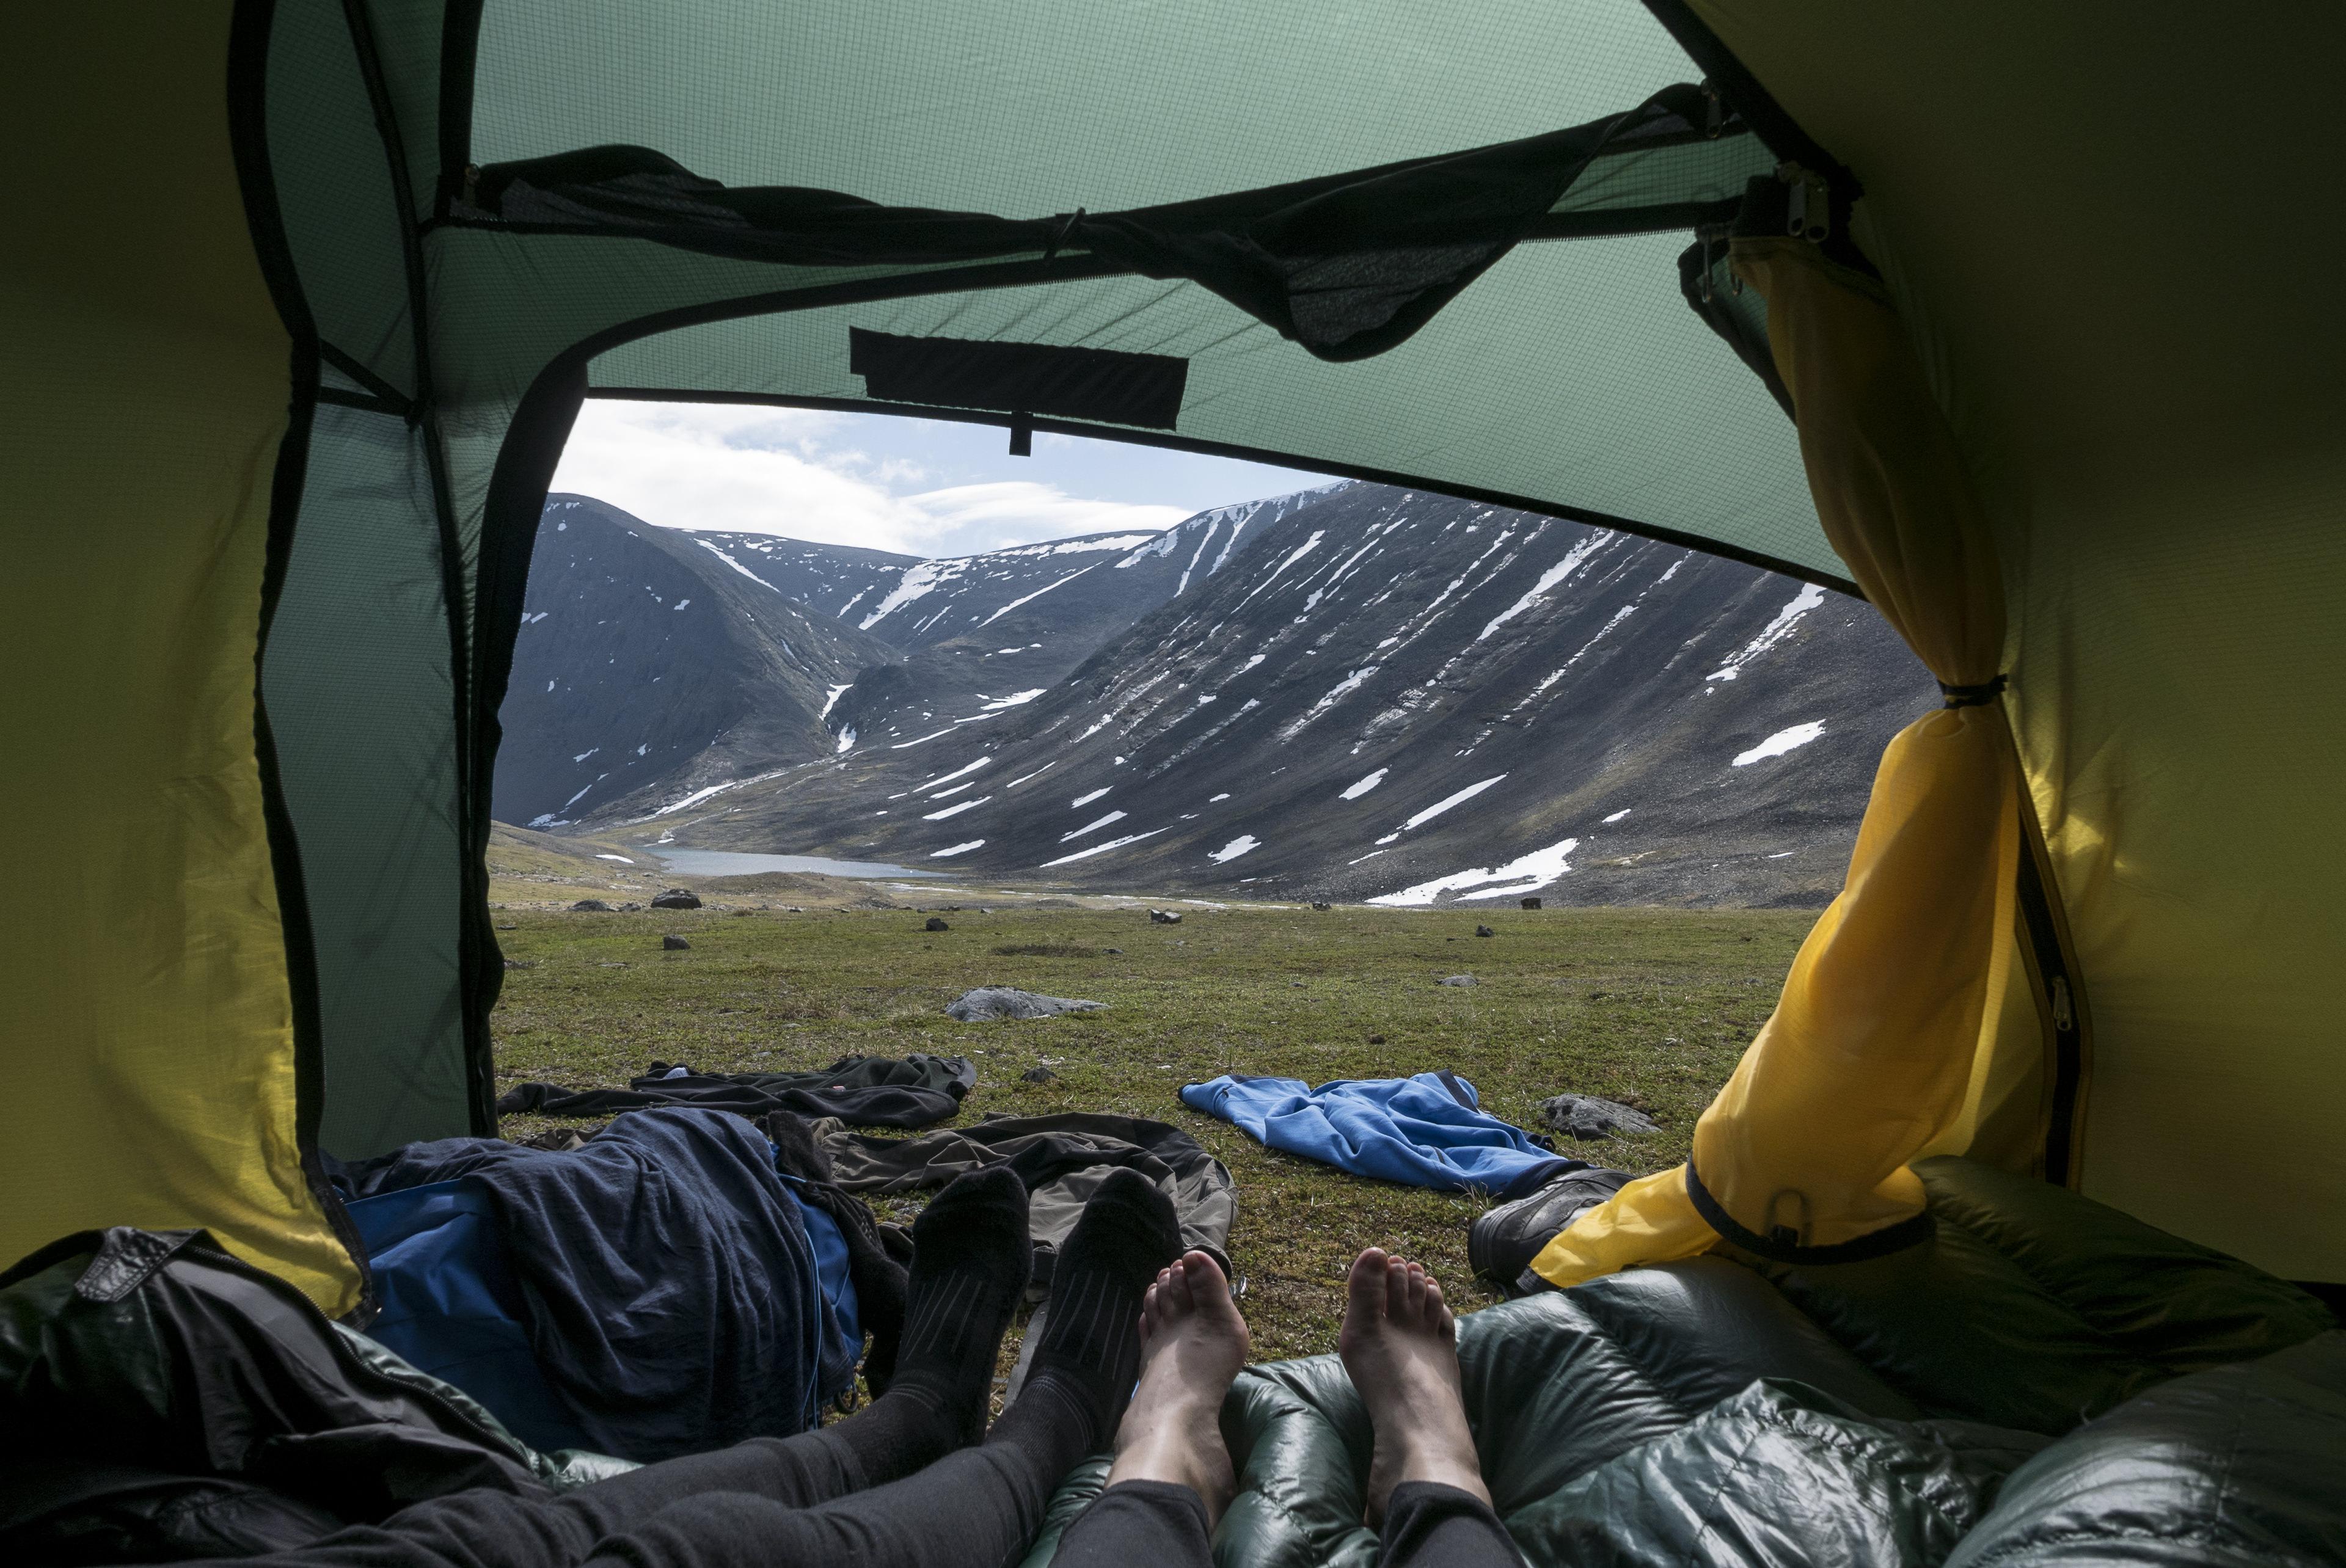 Blick aus dem Zelt – was für ein traumhafter Platz,©Markus Proske—Panasonic DMC-LX100, 24mm, 1/1000s, Blende 5.6, ISO 200